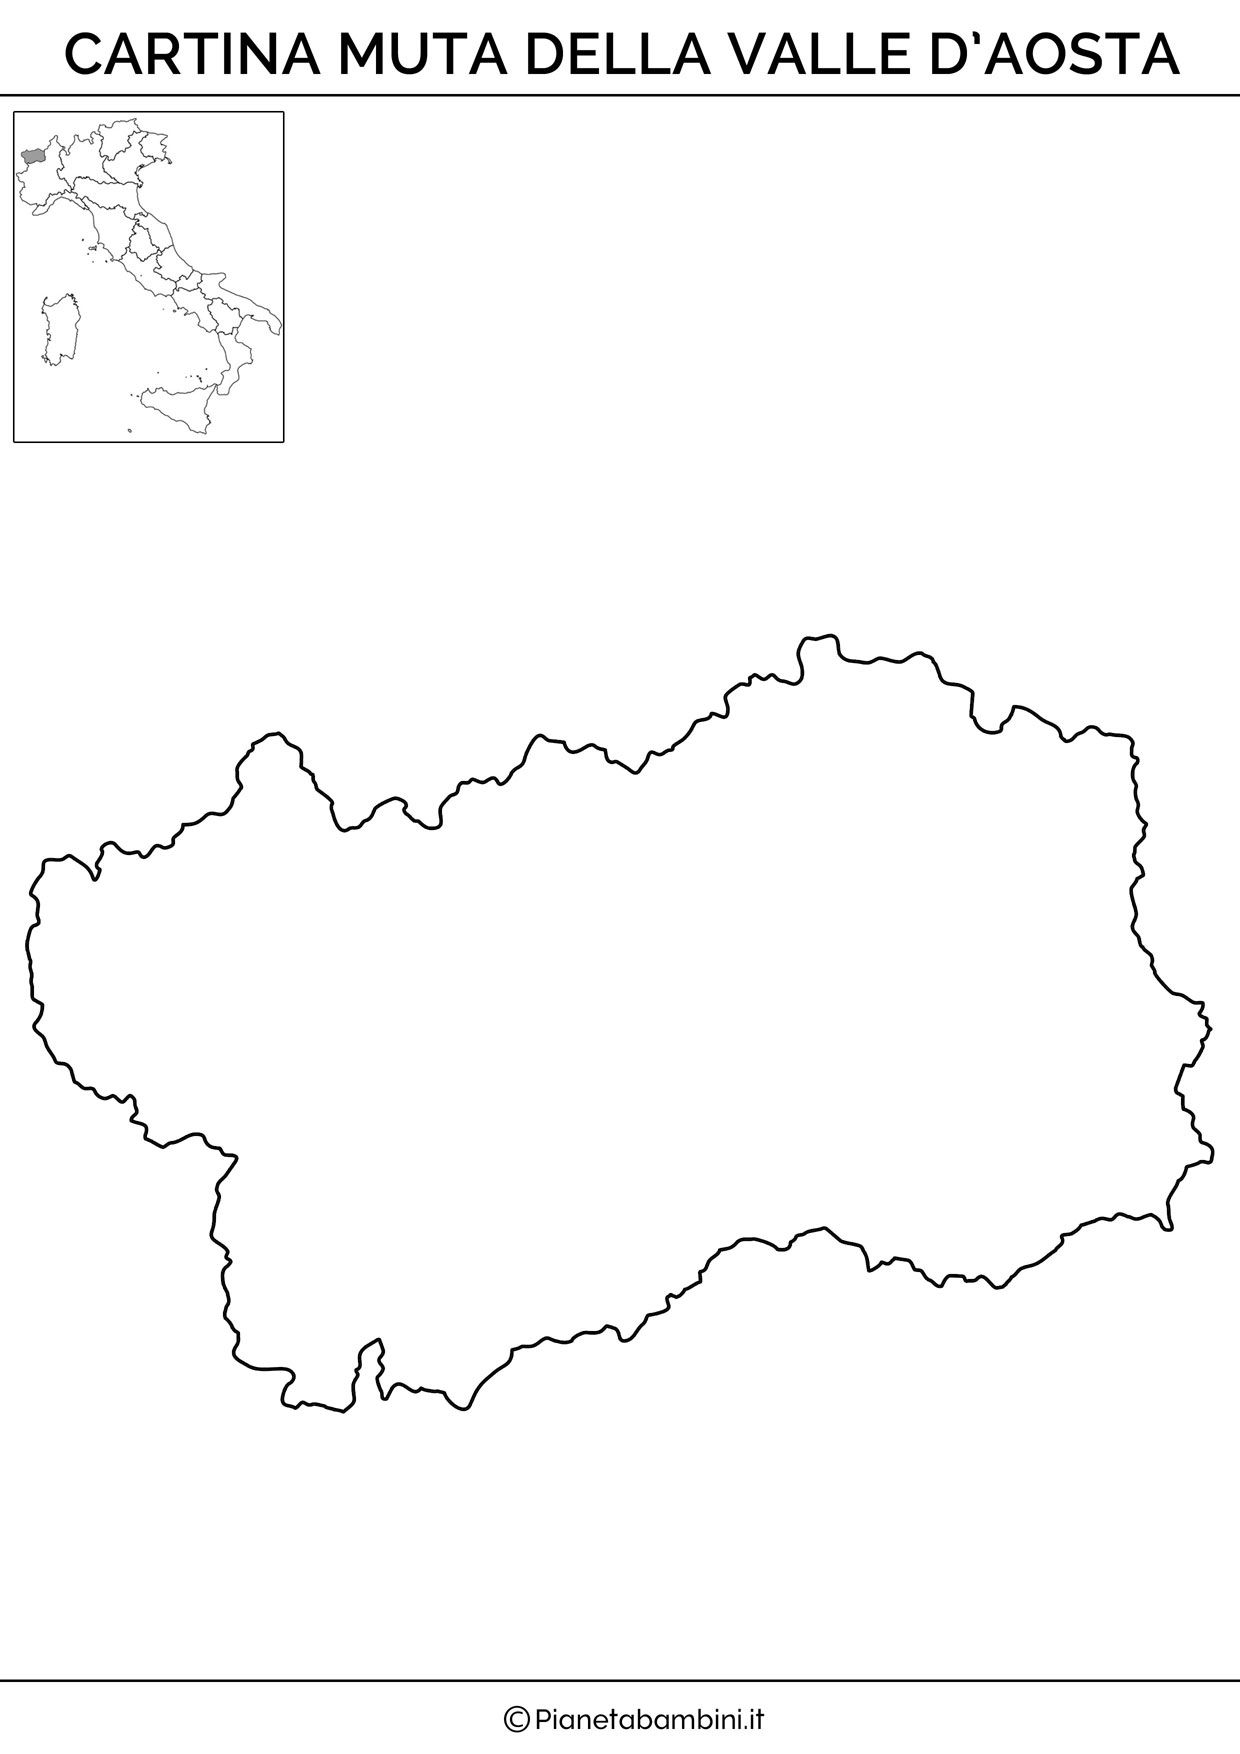 Cartina Della Valle D Aosta Politica.Cartina Muta Fisica E Politica Della Valle D Aosta Da Stampare Quaderni Matematici Lezioni Di Scienze Geografia